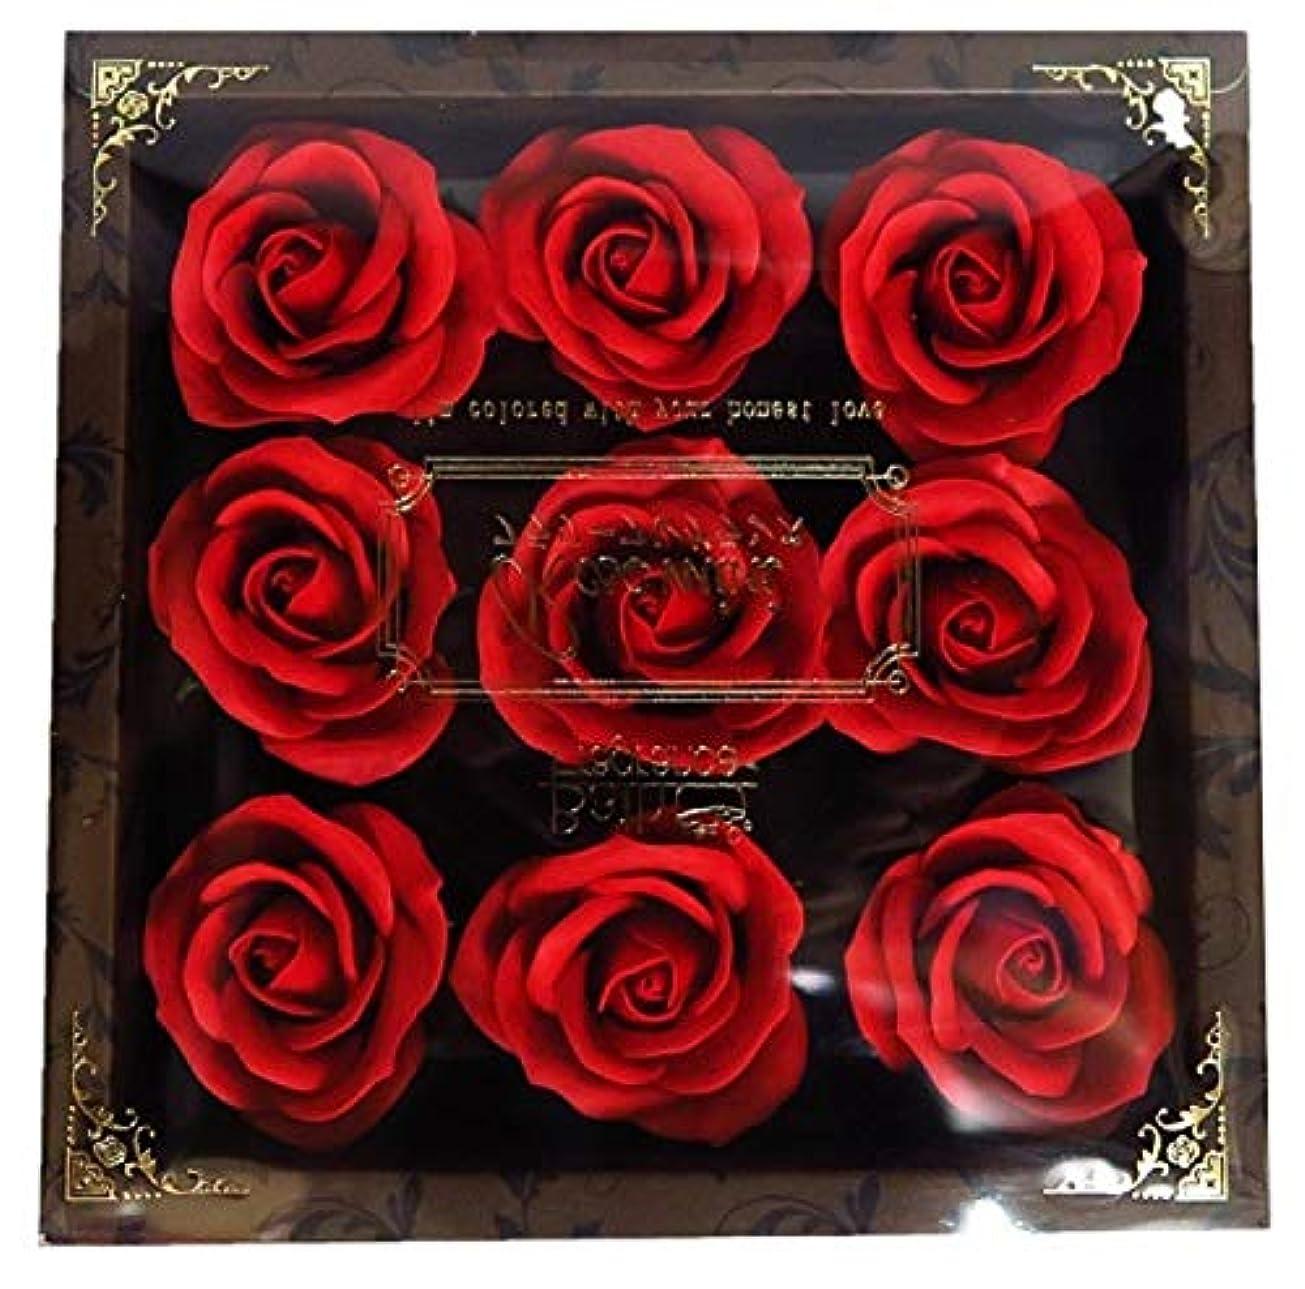 剥ぎ取るアロング教室バスフレグランス フラワーフレグランス ミニローズフレグランス(L)レッド ギフト お花の形の入浴剤 プレゼント ばら